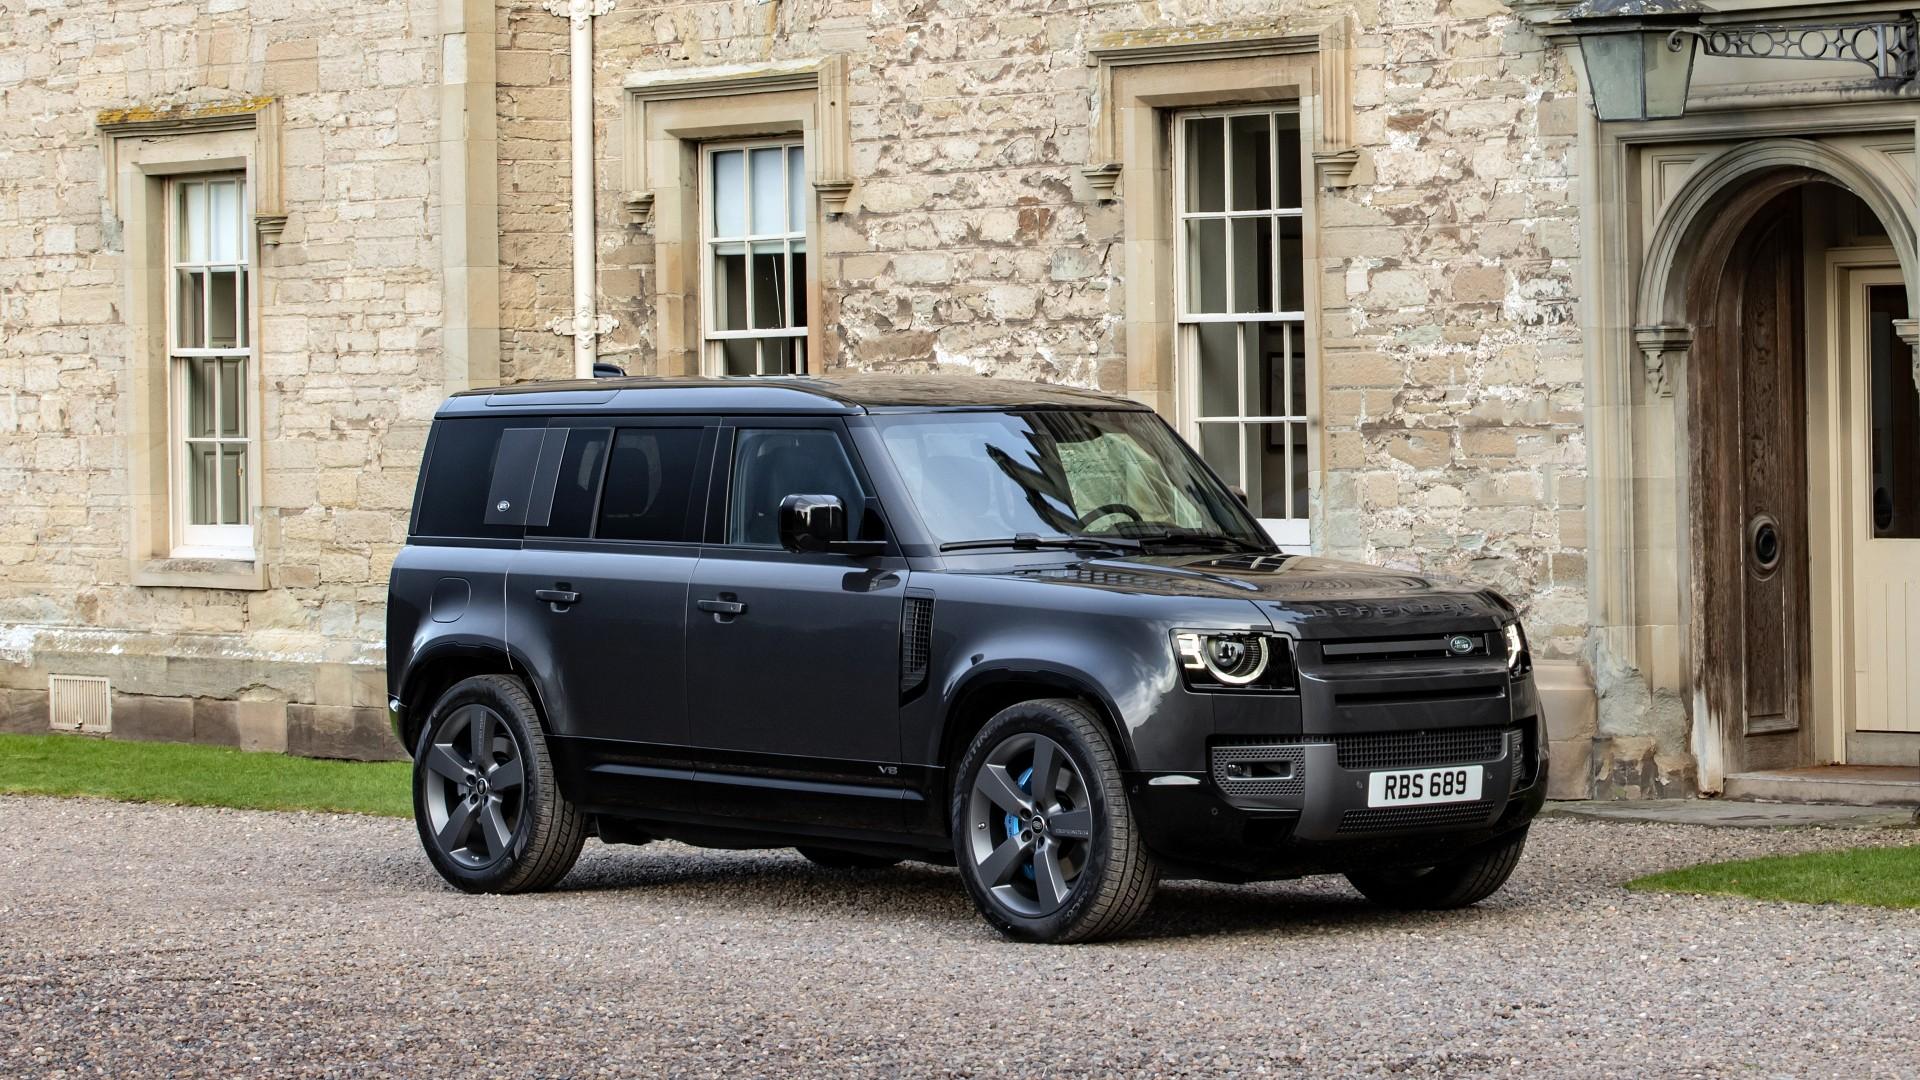 Land Rover Defender 110 V8 Carpathian Edition 2021 4K ...